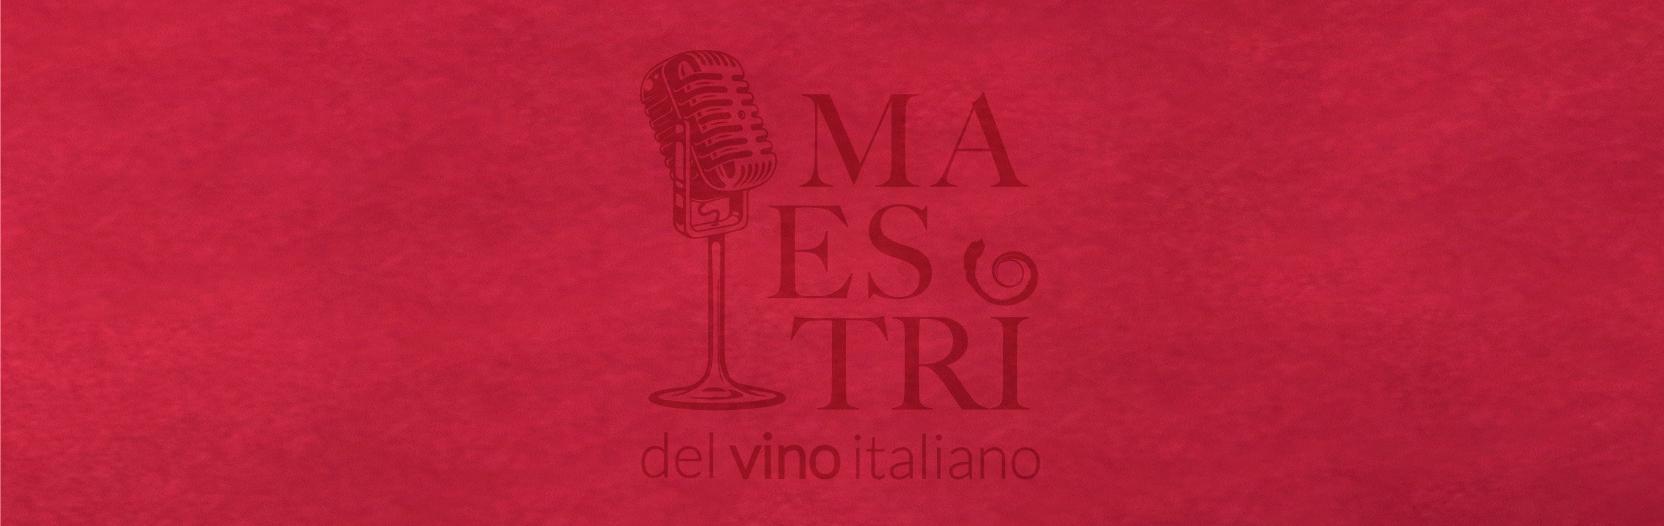 podcast di Civiltà del bere Maestri del vino italiano